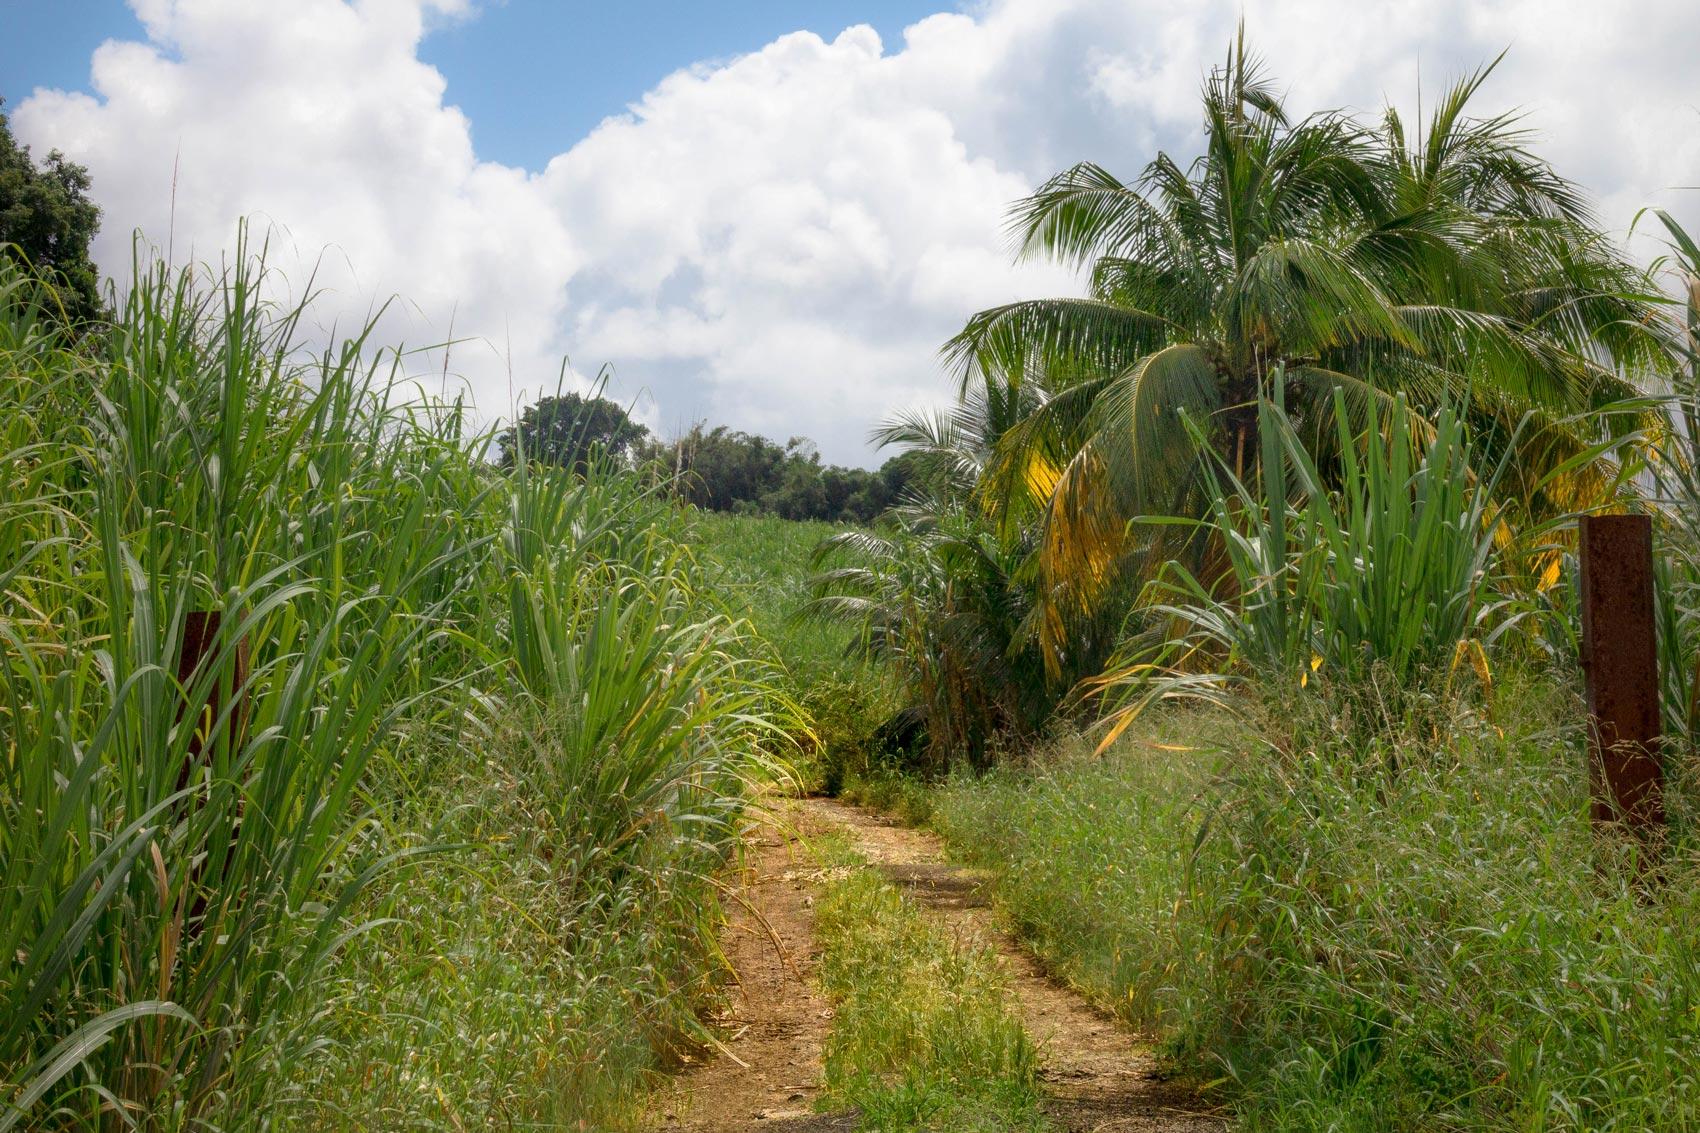 martinique, champ de canne à sucre et cocotier